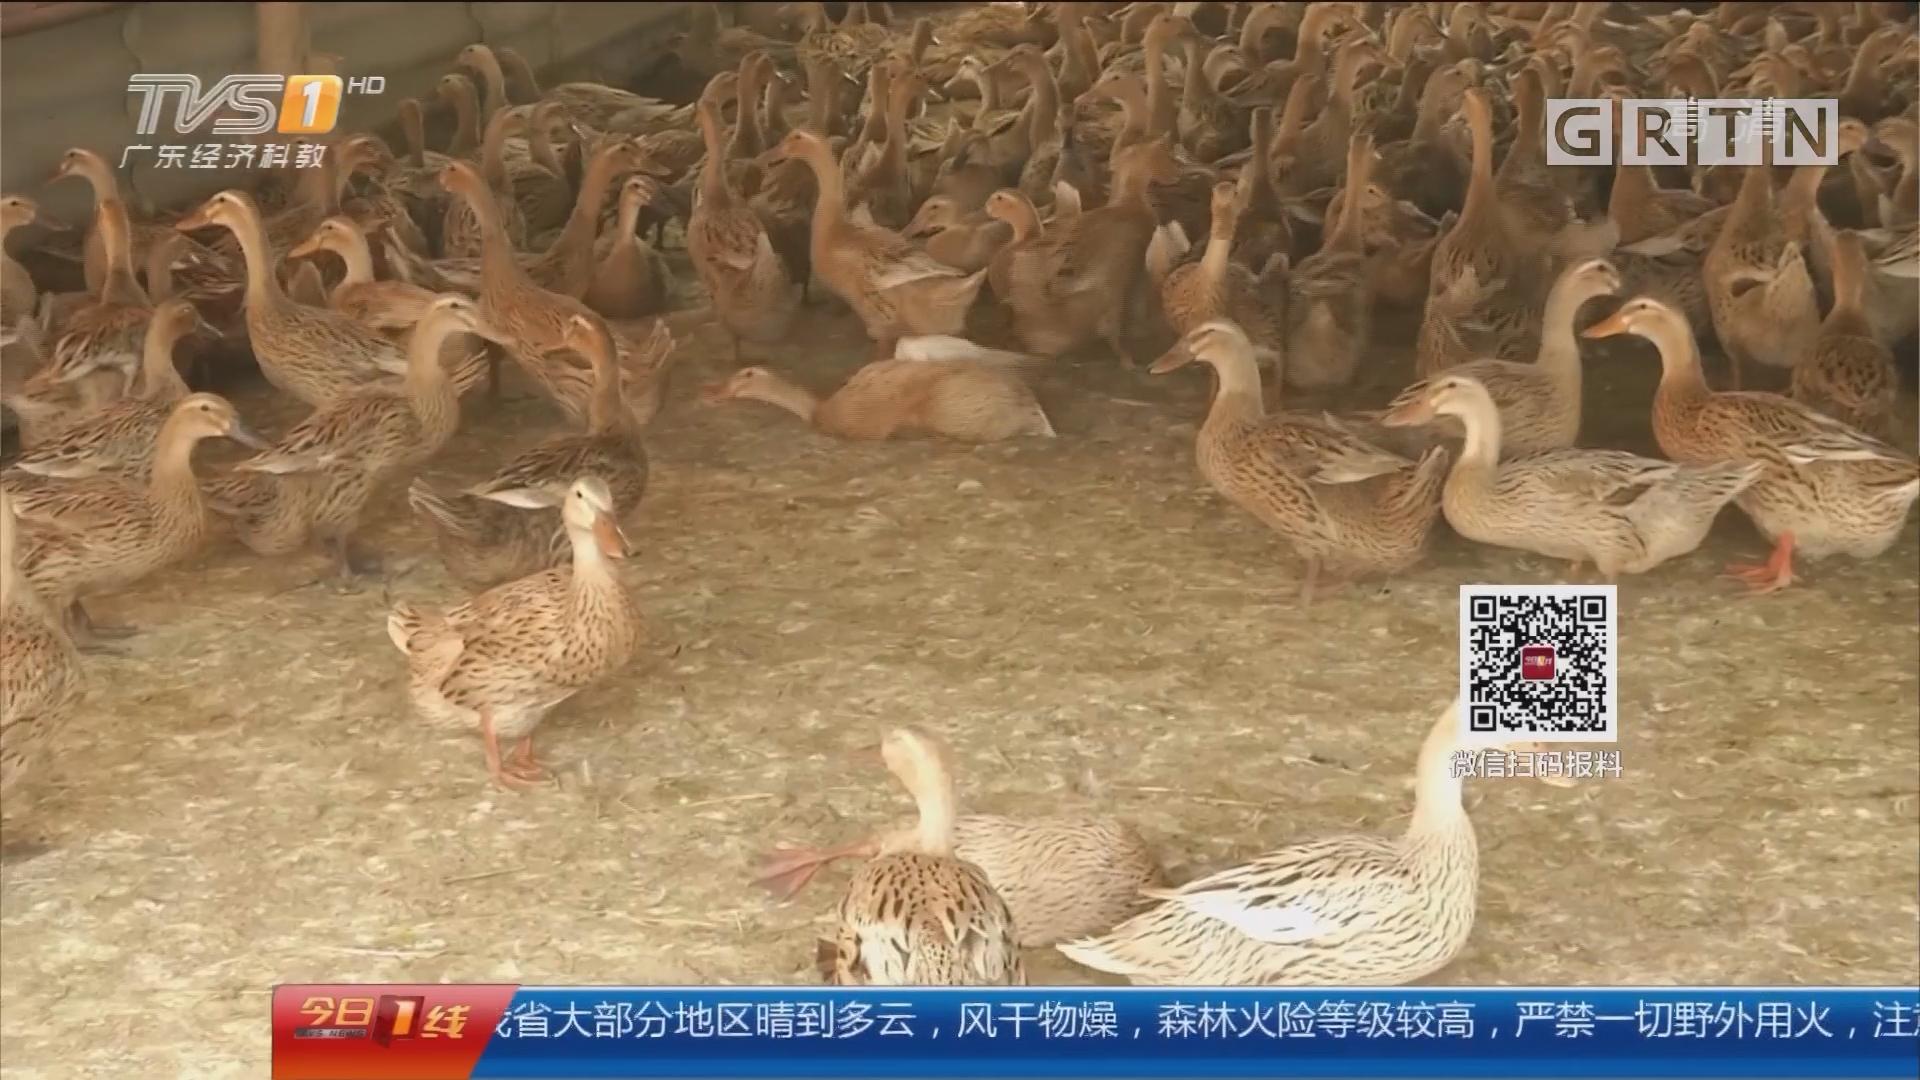 上千只鸭子接连死去 多部门介入调查